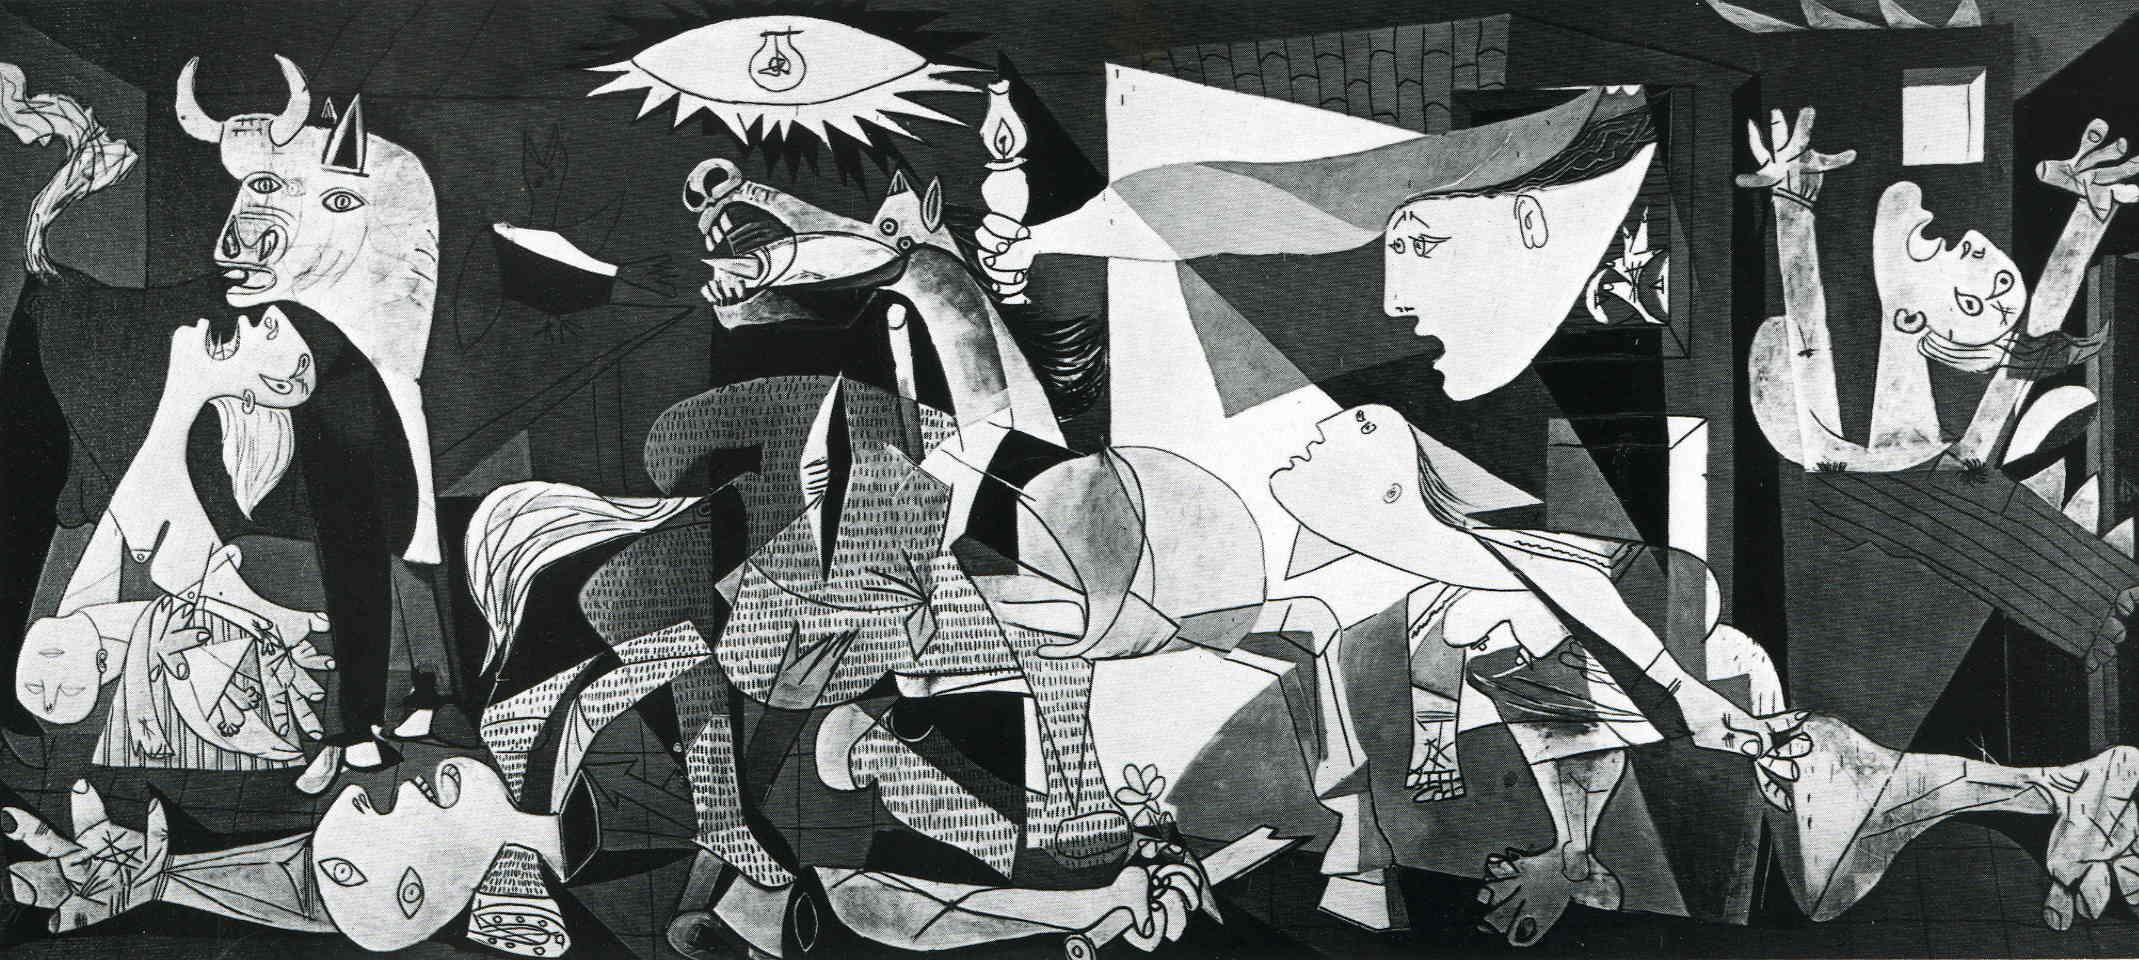 スペイン『国立ソフィア王妃芸術センター』ピカソが「ゲルニカ」を描いた経過と理由